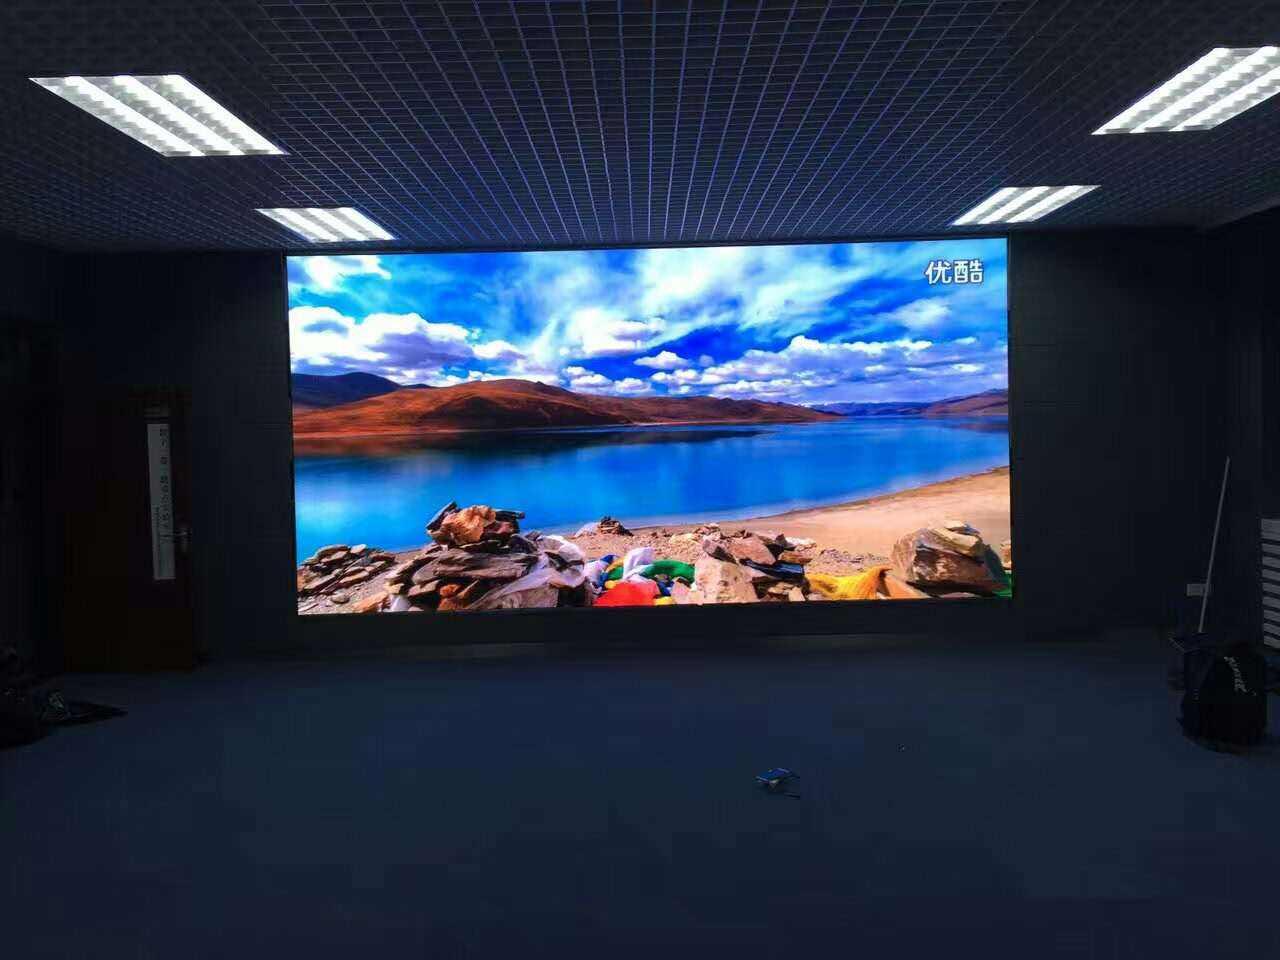 LED显示屏显示时,可以播放丰富多变的内容